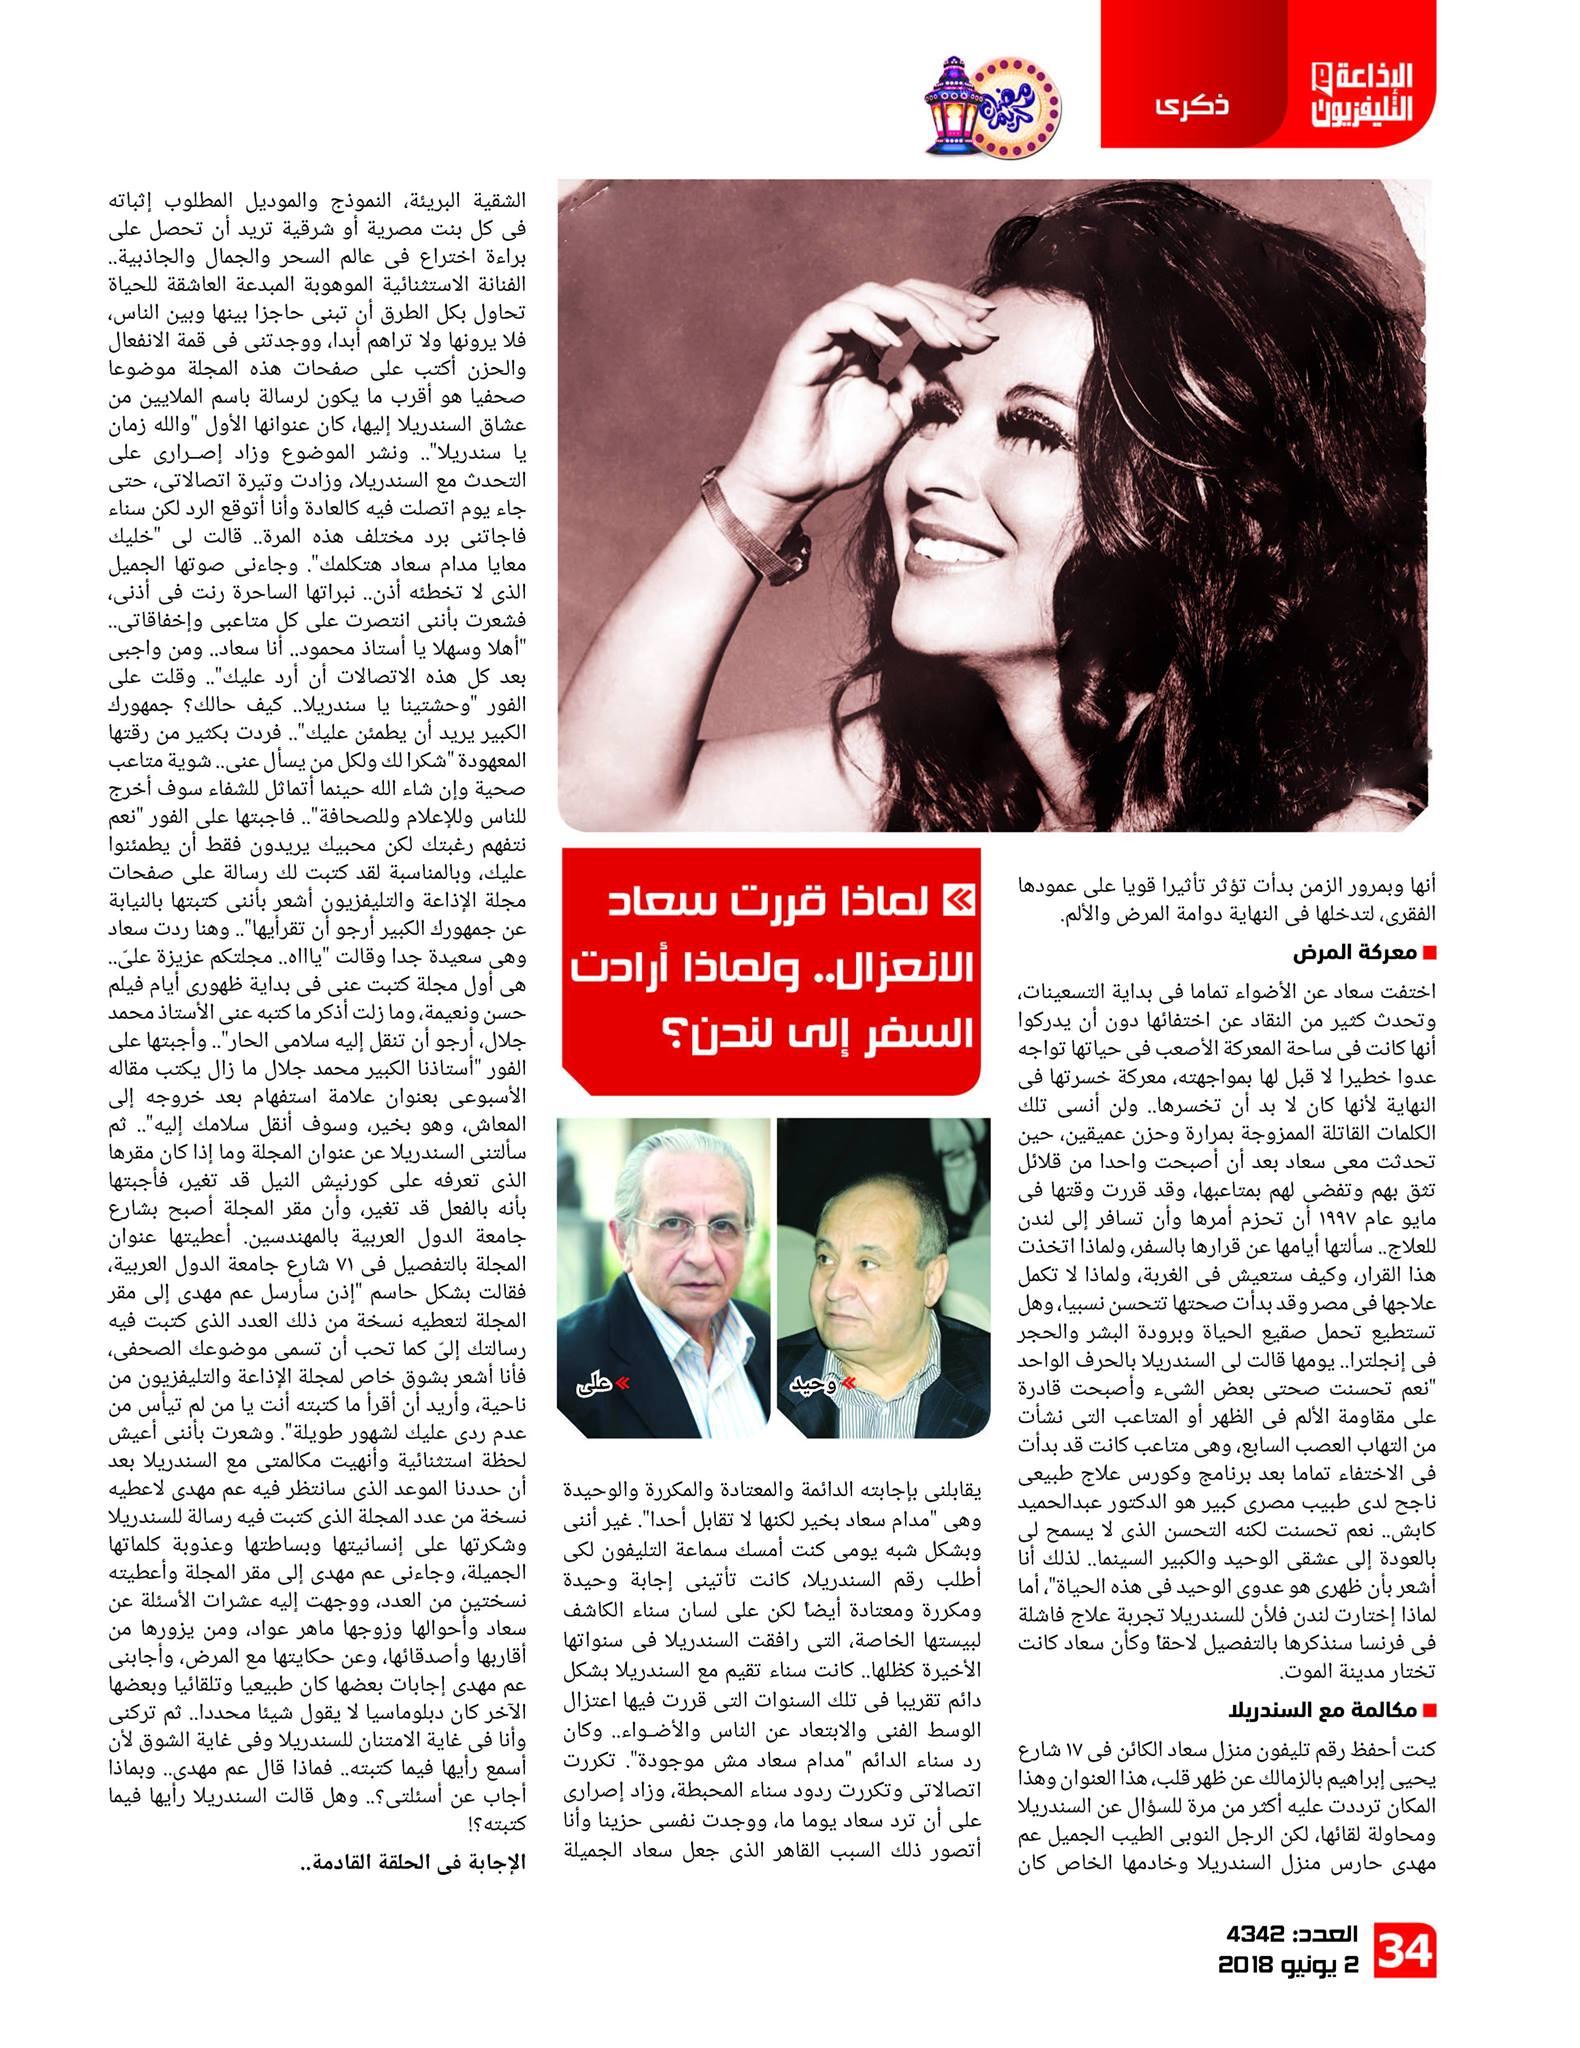 مقال - مقال صحفي : حين قالت لي السندريلا .. أشعر بأن ظهري عدوي الوحيد في هذه الحياة 2018 م 318